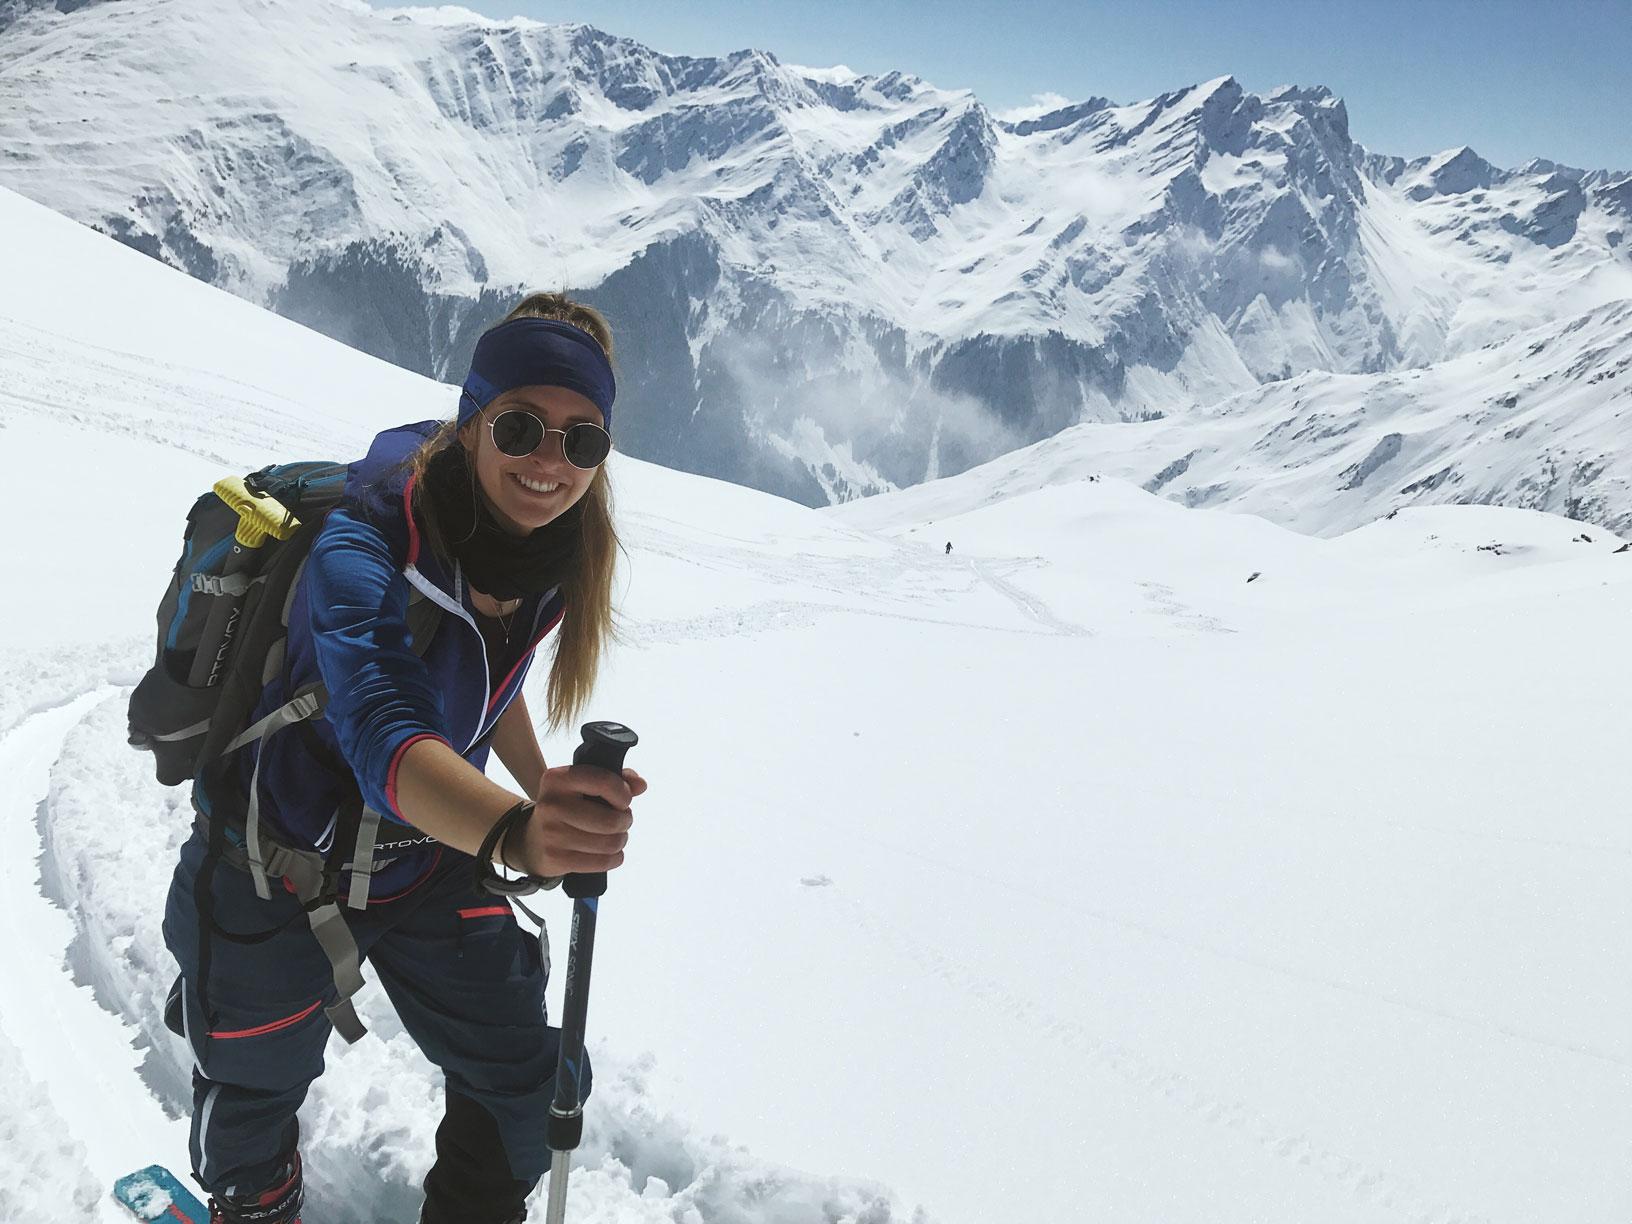 Packliste-Skitour-gehen-laura-munichmountaingirls